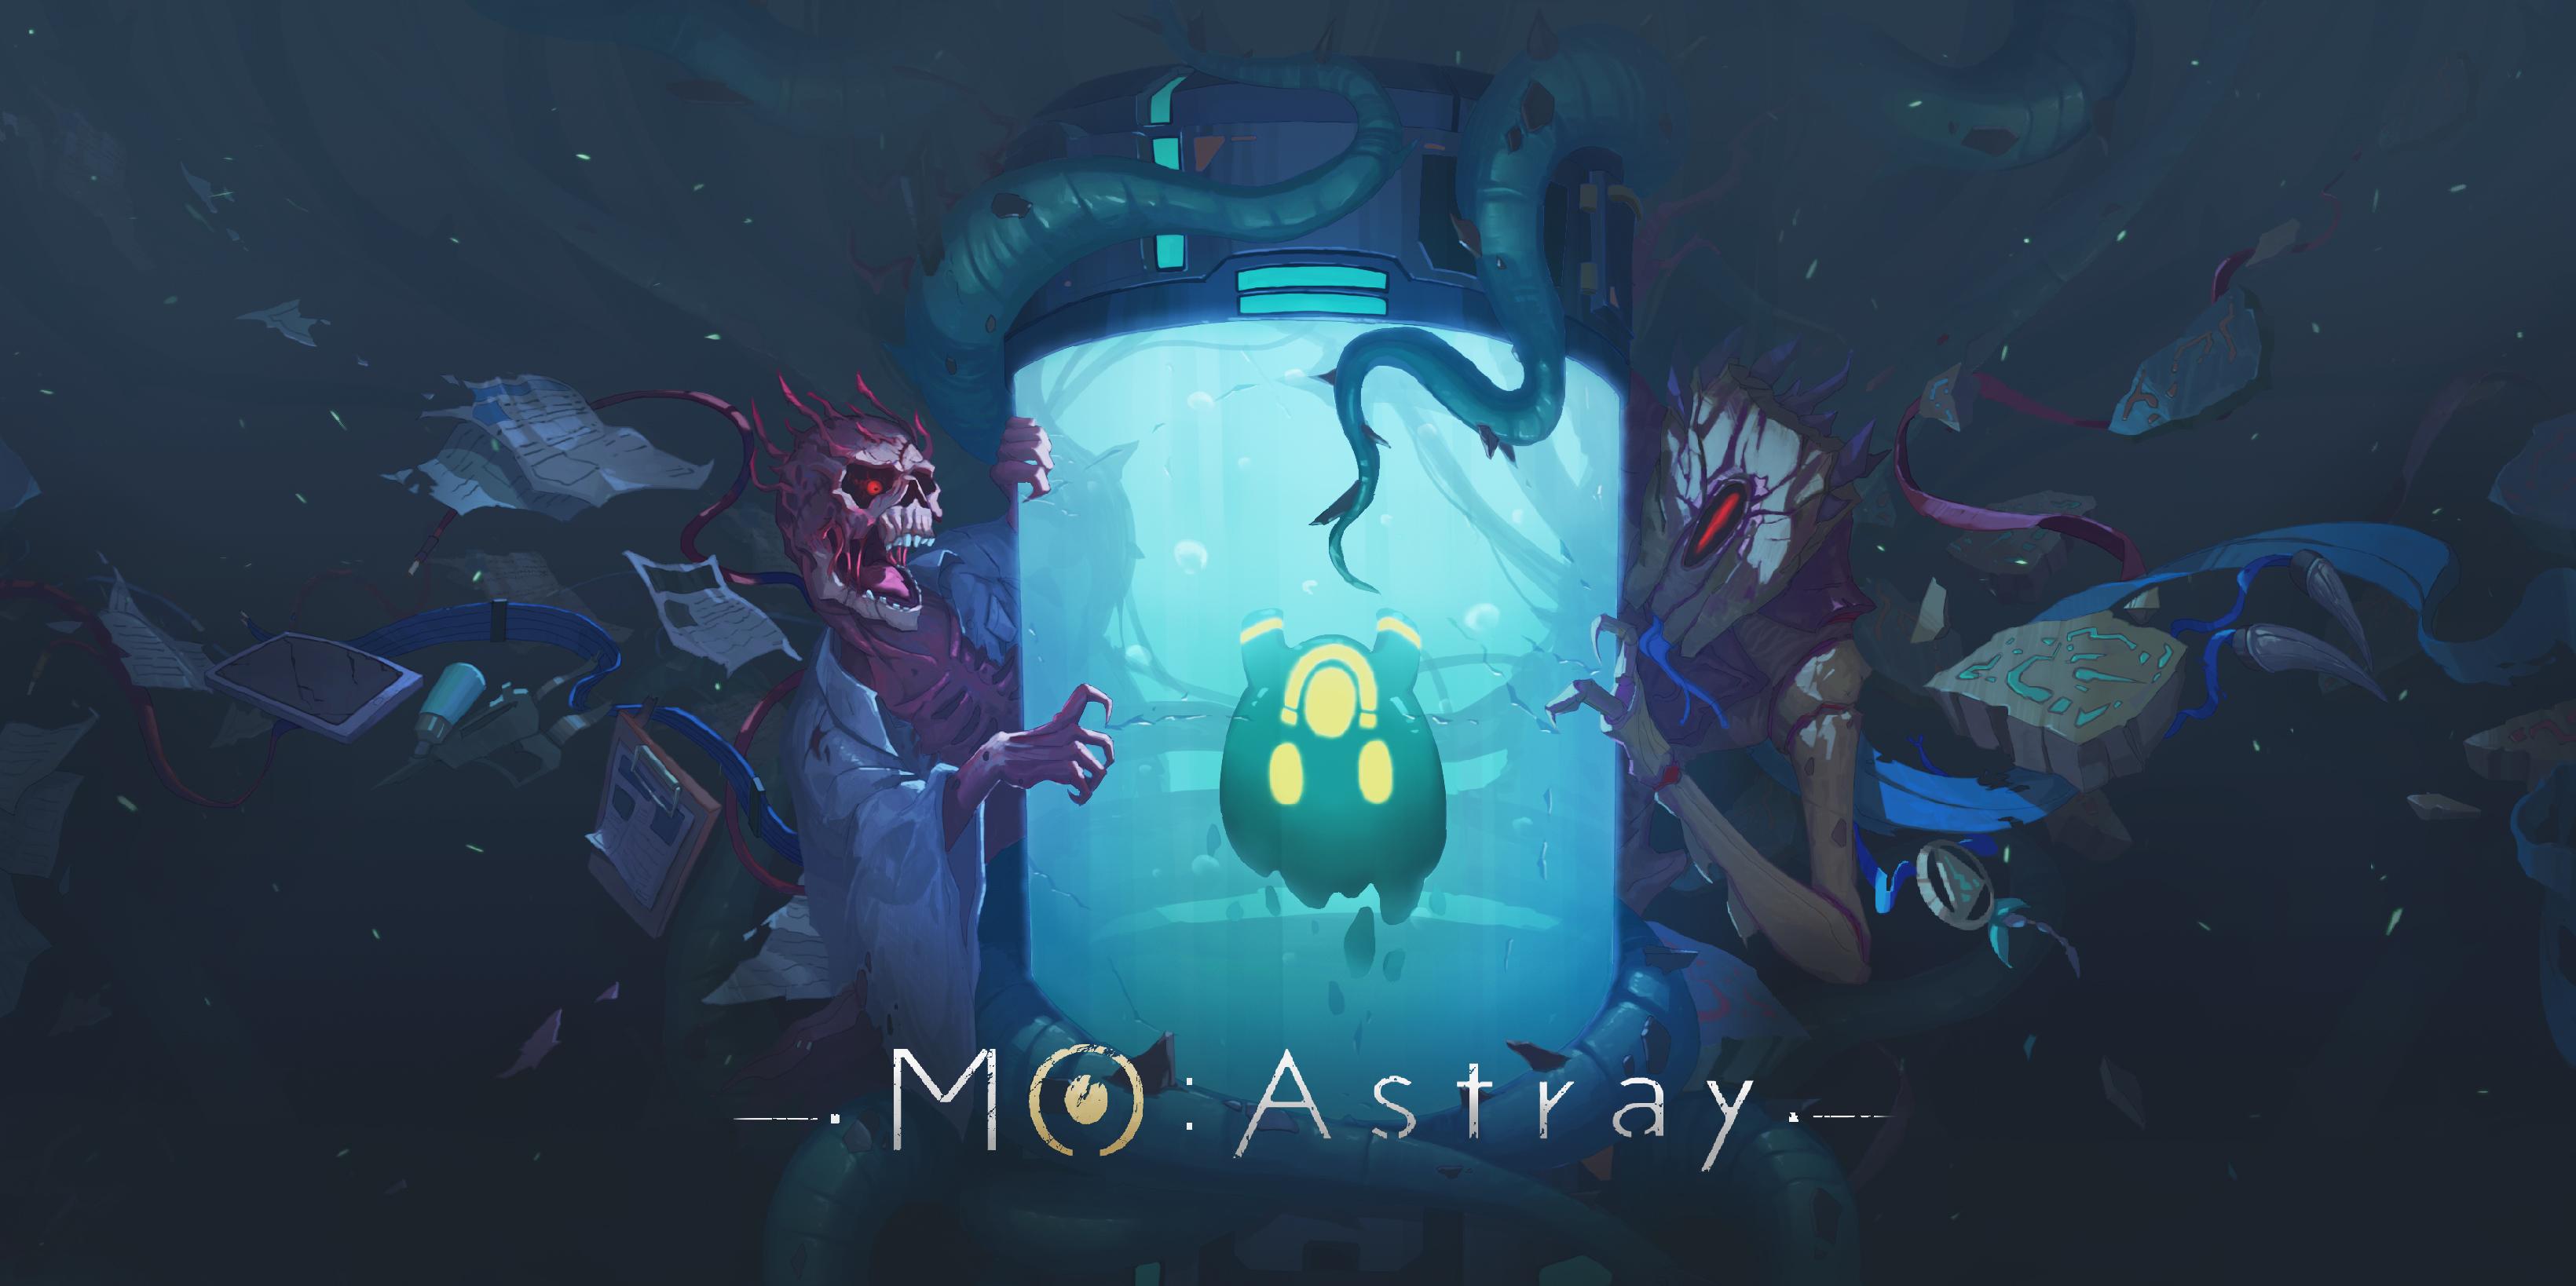 全新平台冒險遊戲《MO:Astray》首度開放玩家試玩  將於2019年登場